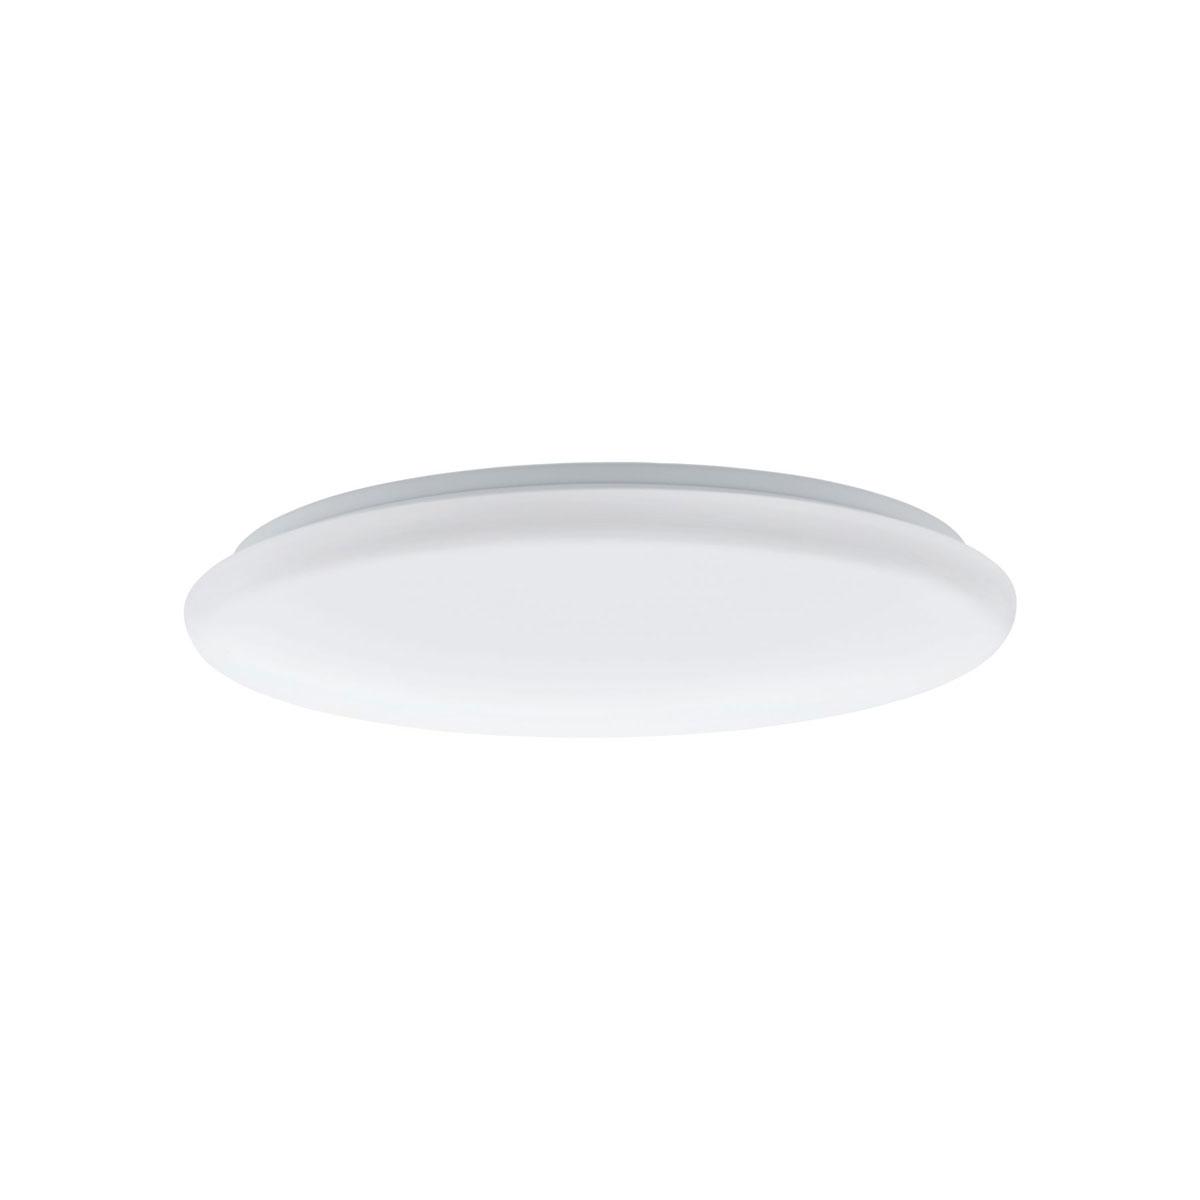 """Deckenleuchten - LED Deckenleuchte """"Giron"""", ohne Kistalleffekt, weiß ohne Kistalleffekt  - Onlineshop Hellweg"""